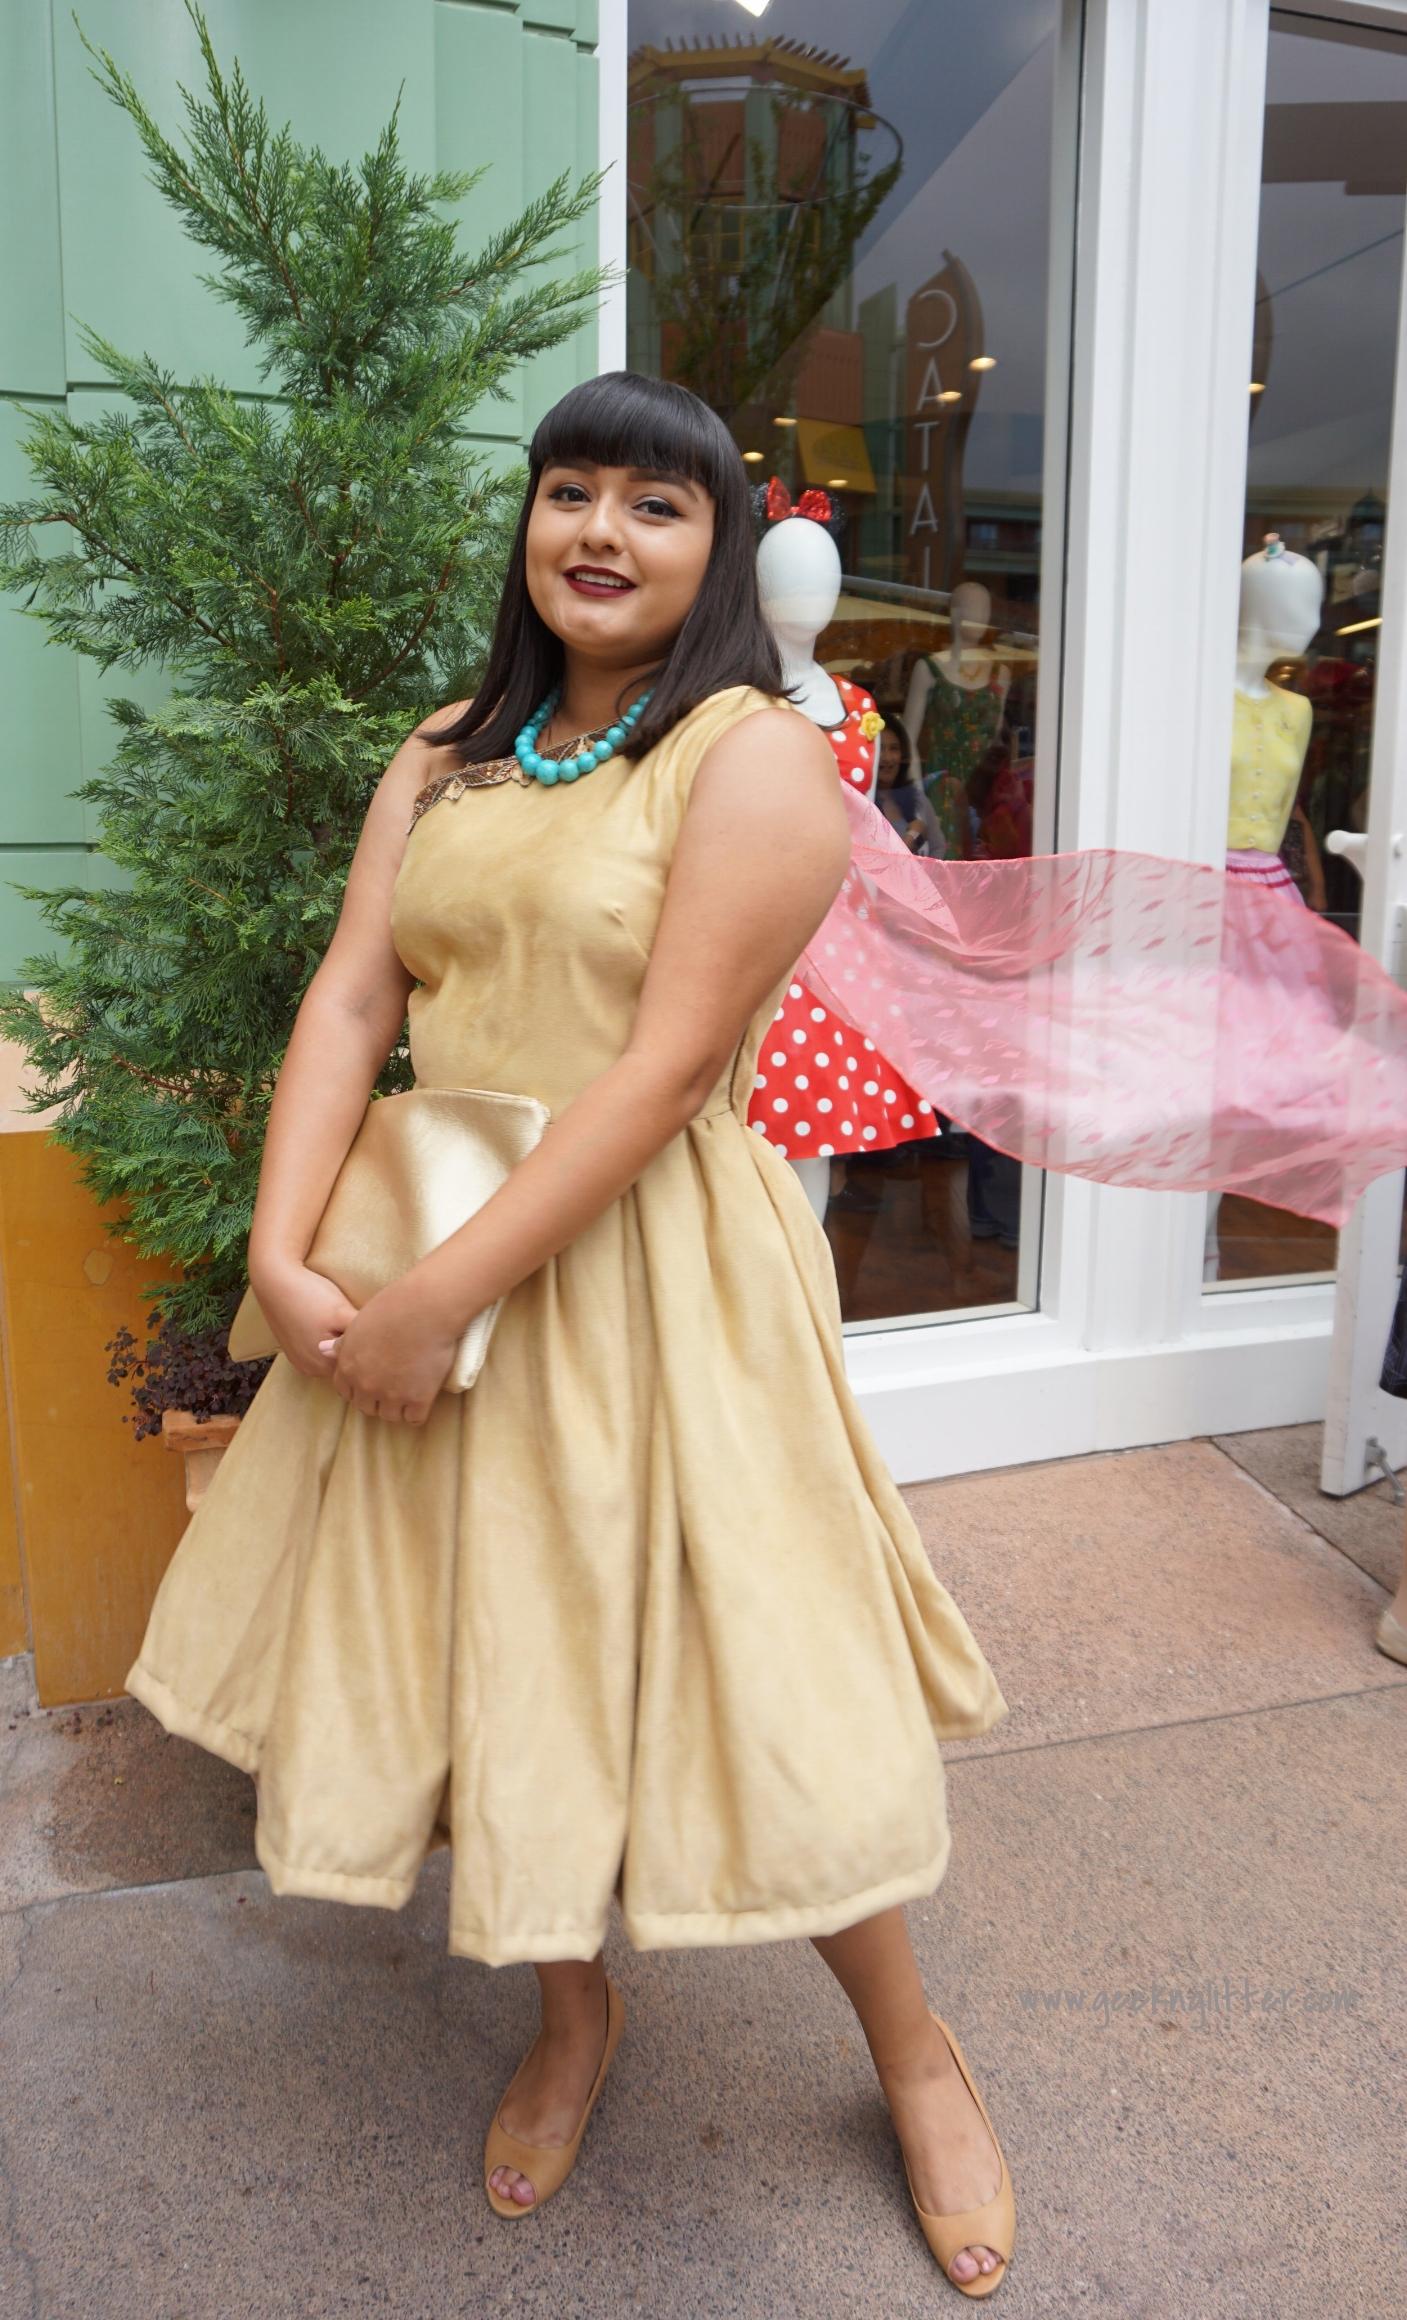 Pocahontas inspired dress designed by Rios Originals (IG: riosoriginals)